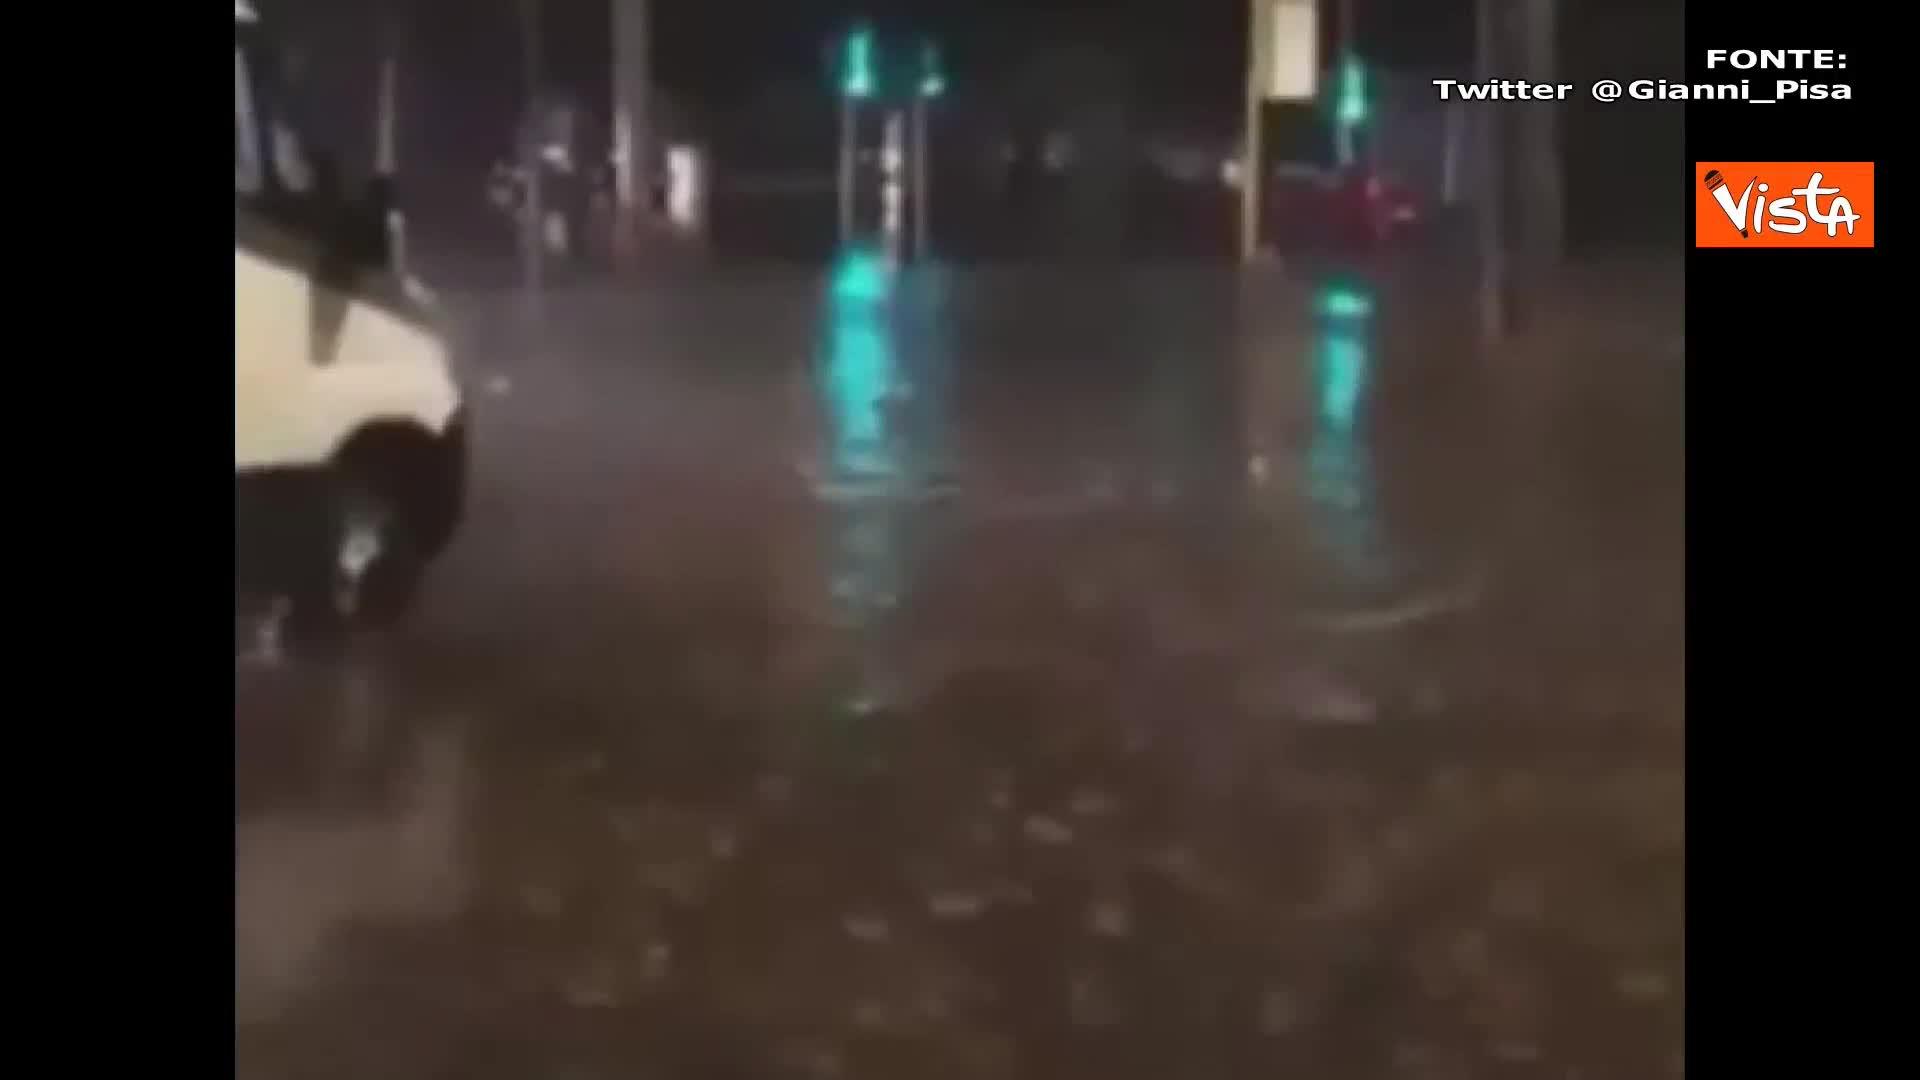 Nubifragio a Roma, le auto 'navigano' per le strade